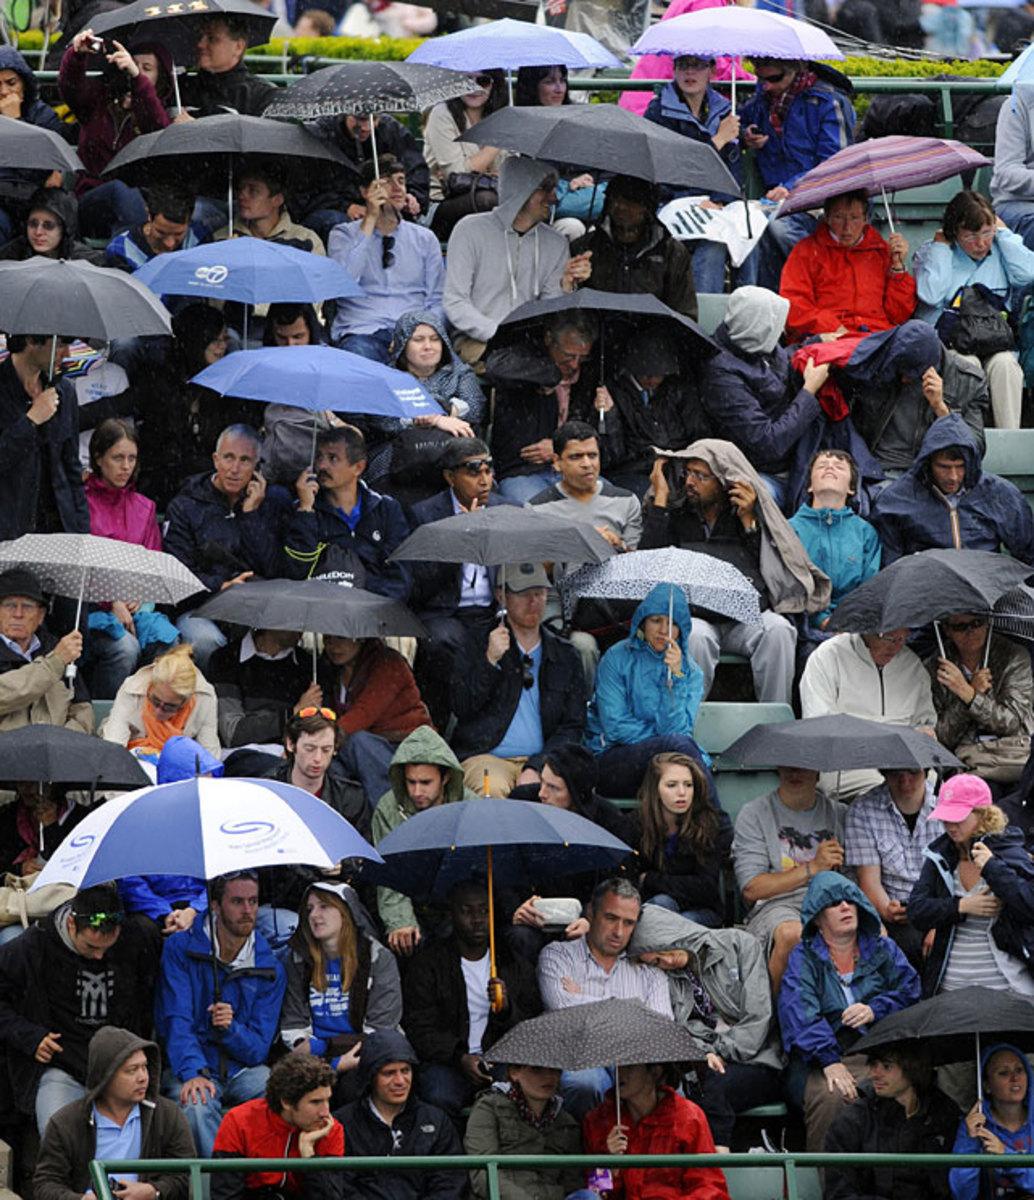 11-umbrellas.jpg